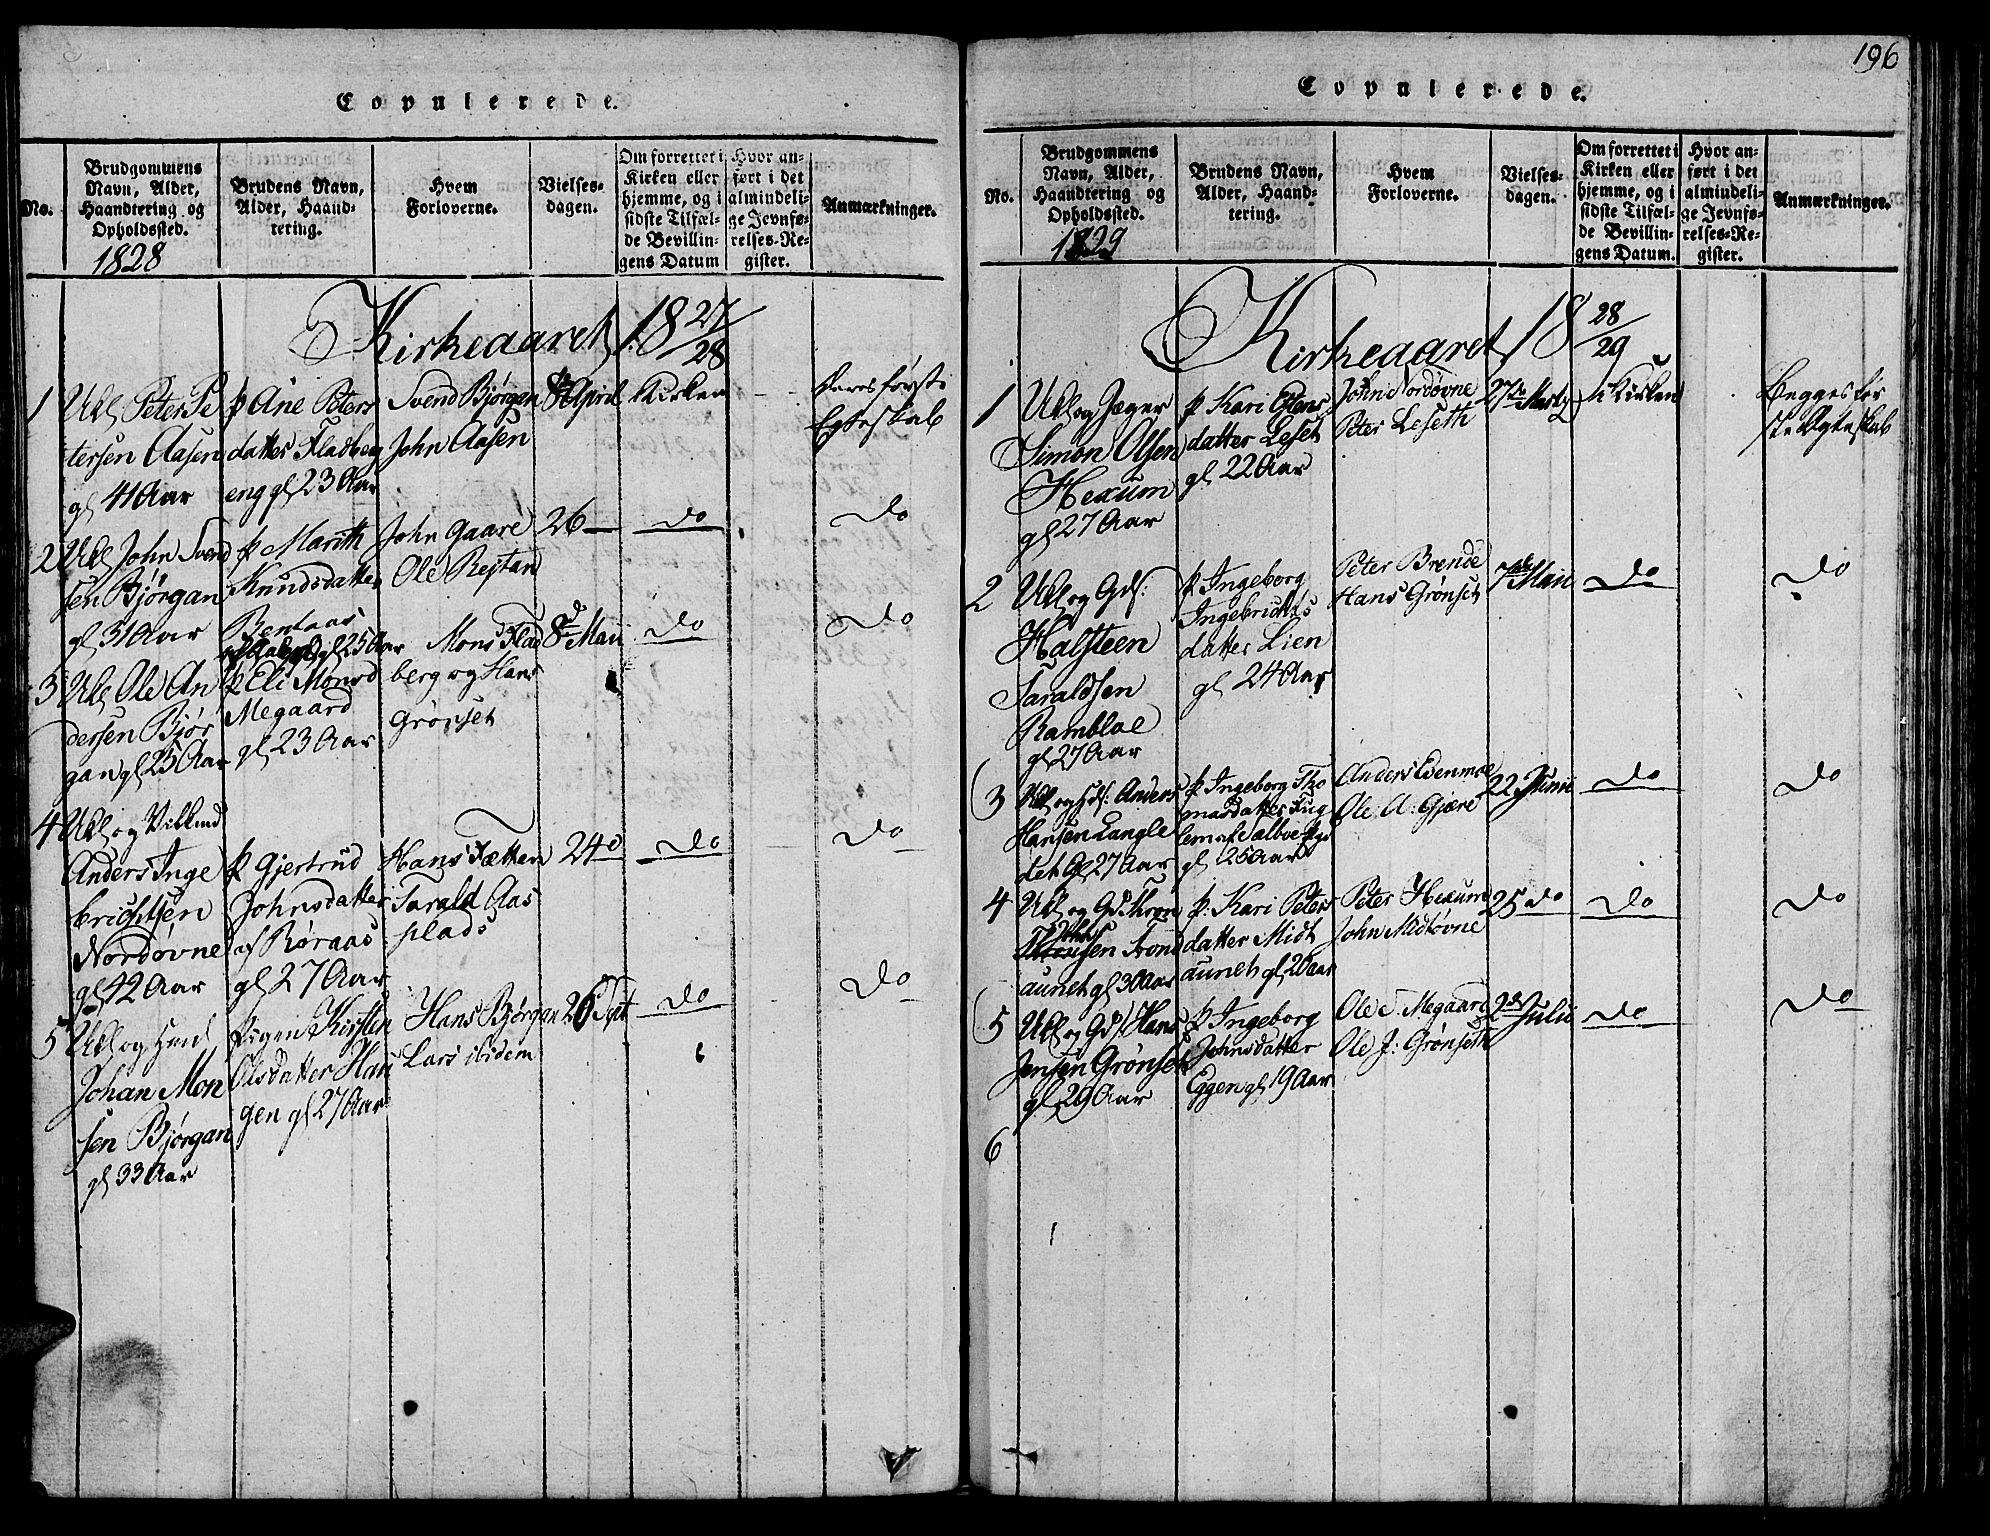 SAT, Ministerialprotokoller, klokkerbøker og fødselsregistre - Sør-Trøndelag, 685/L0954: Ministerialbok nr. 685A03 /1, 1817-1829, s. 196